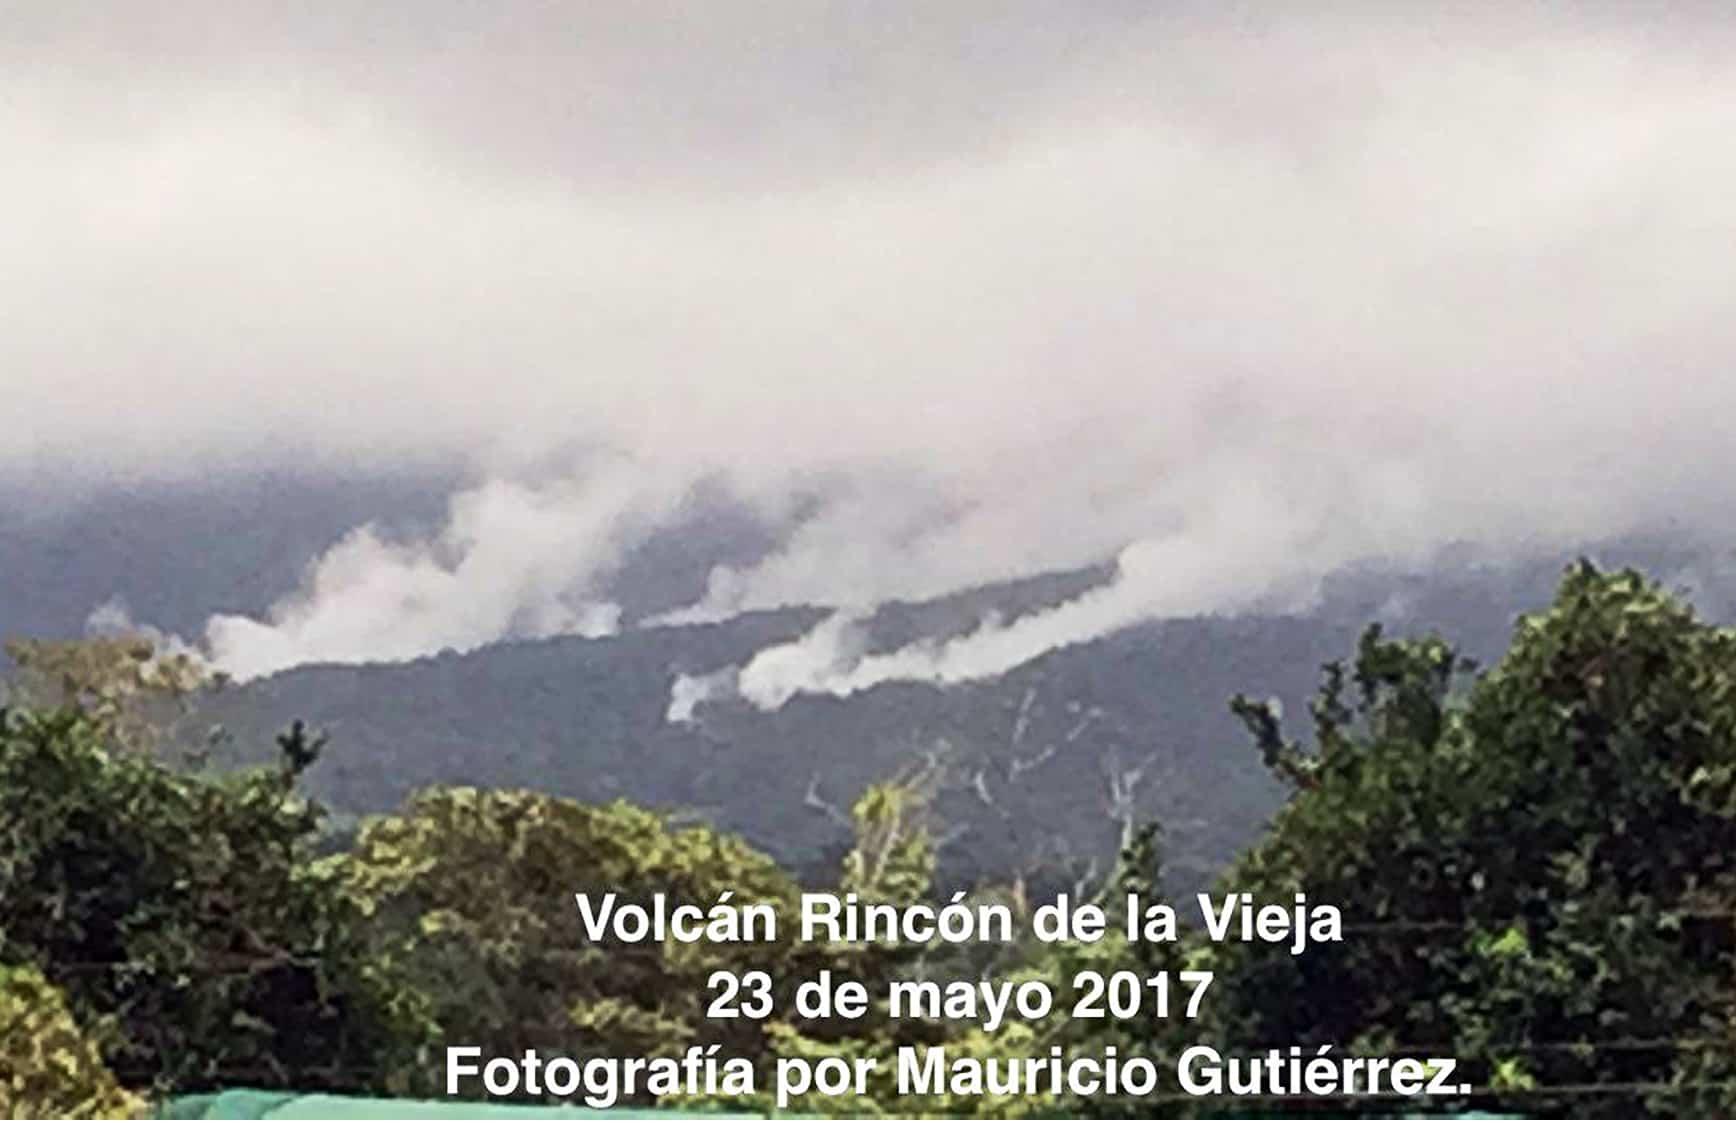 Rincón de la Vieja volcano. May 23, 2017.